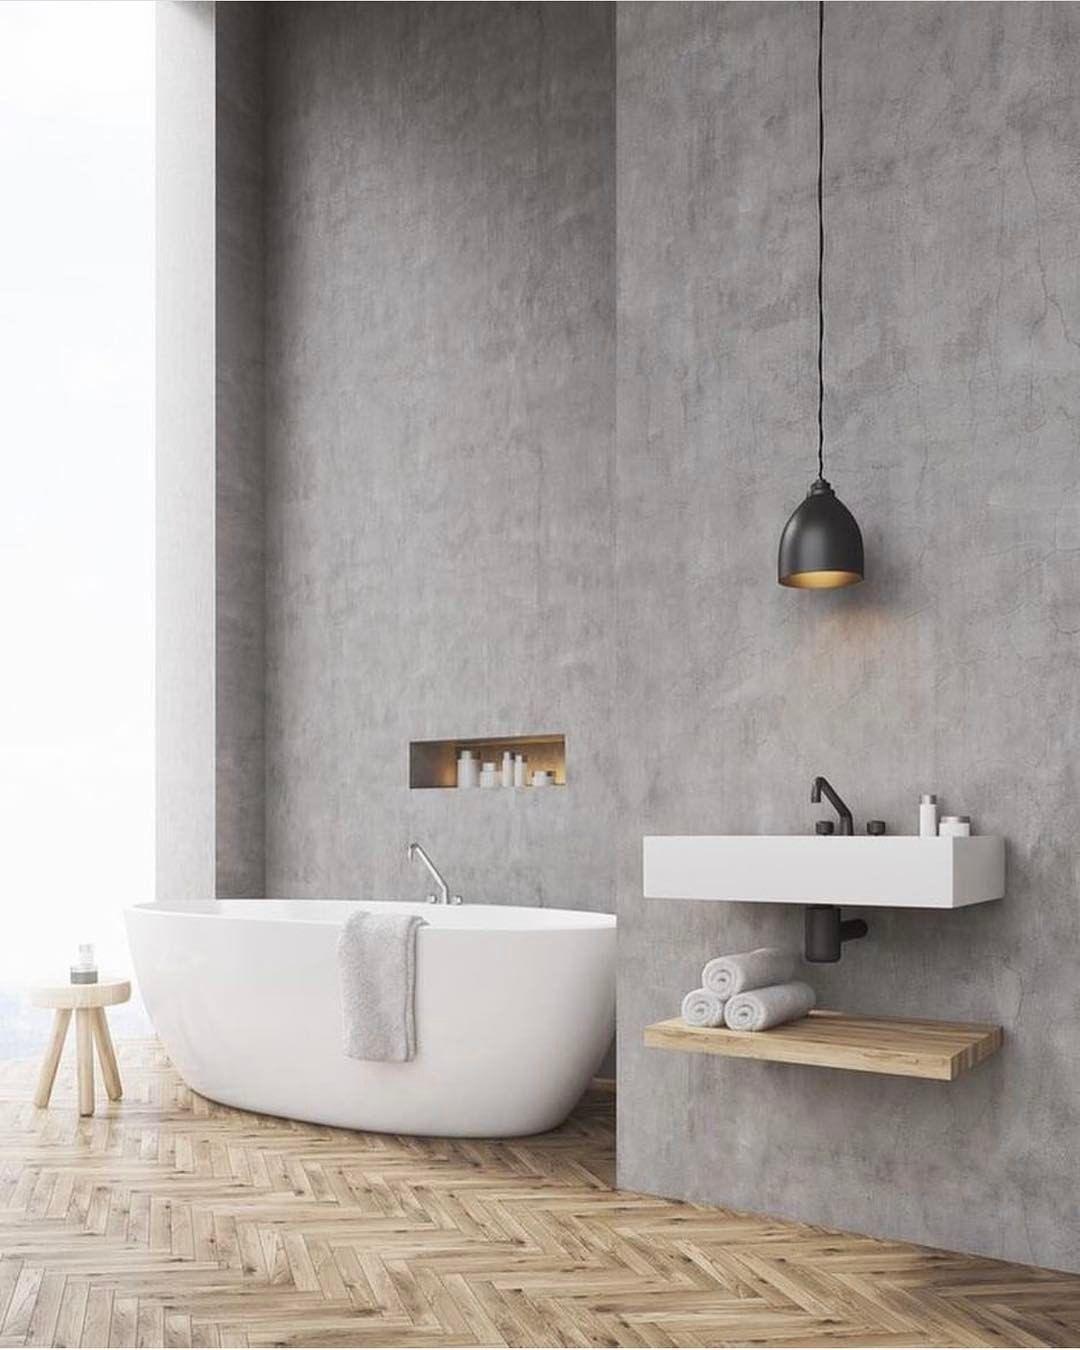 Graue nasszellenfliesen pin von im bilderreich auf badideen  pinterest  badezimmer bad